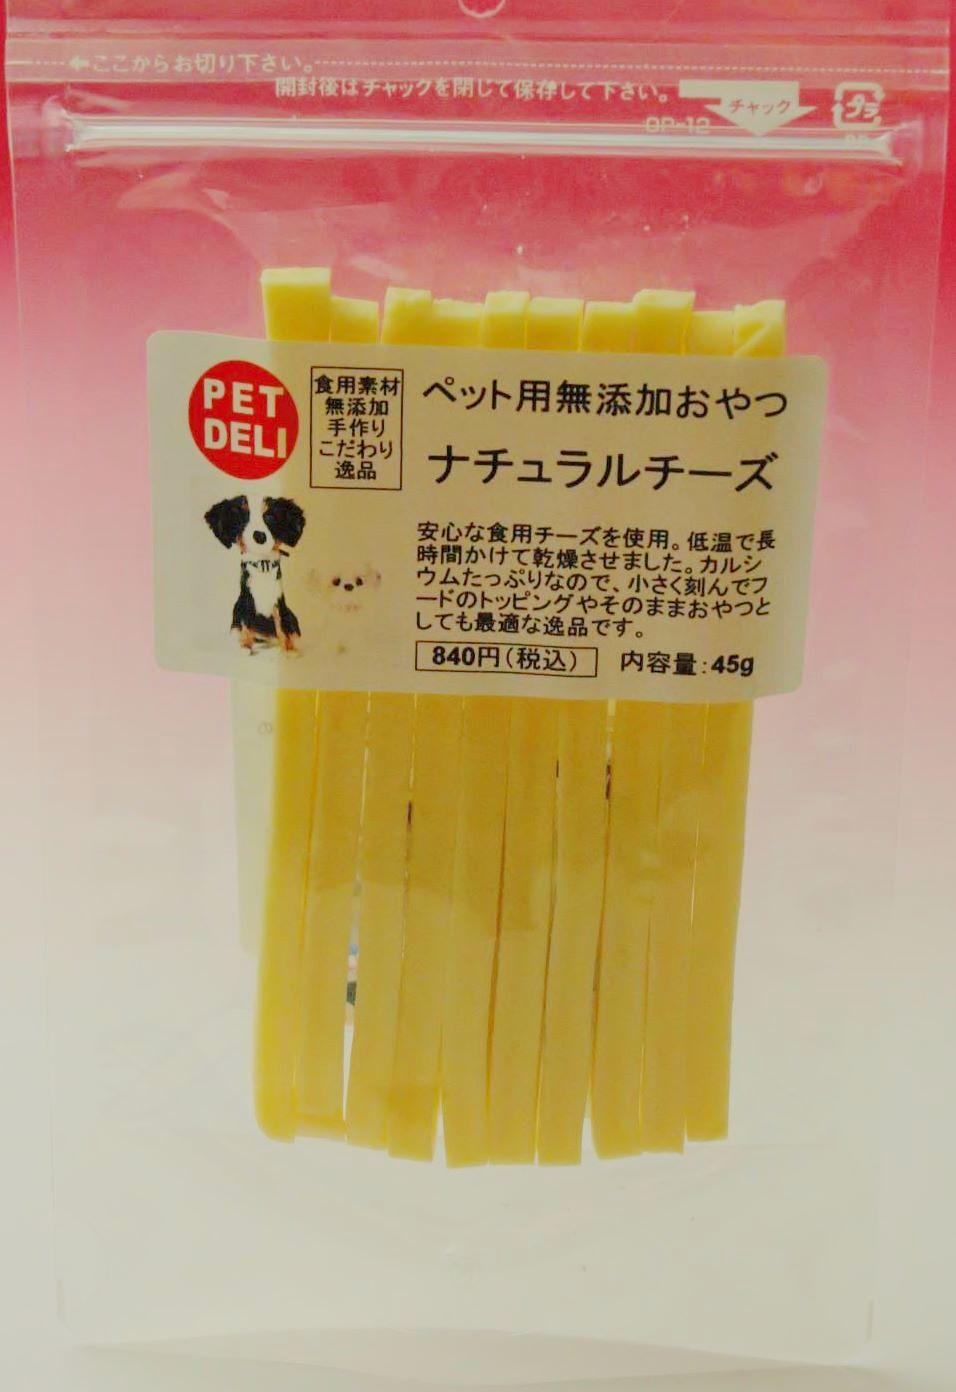 ナチュラルチーズ PETDELI